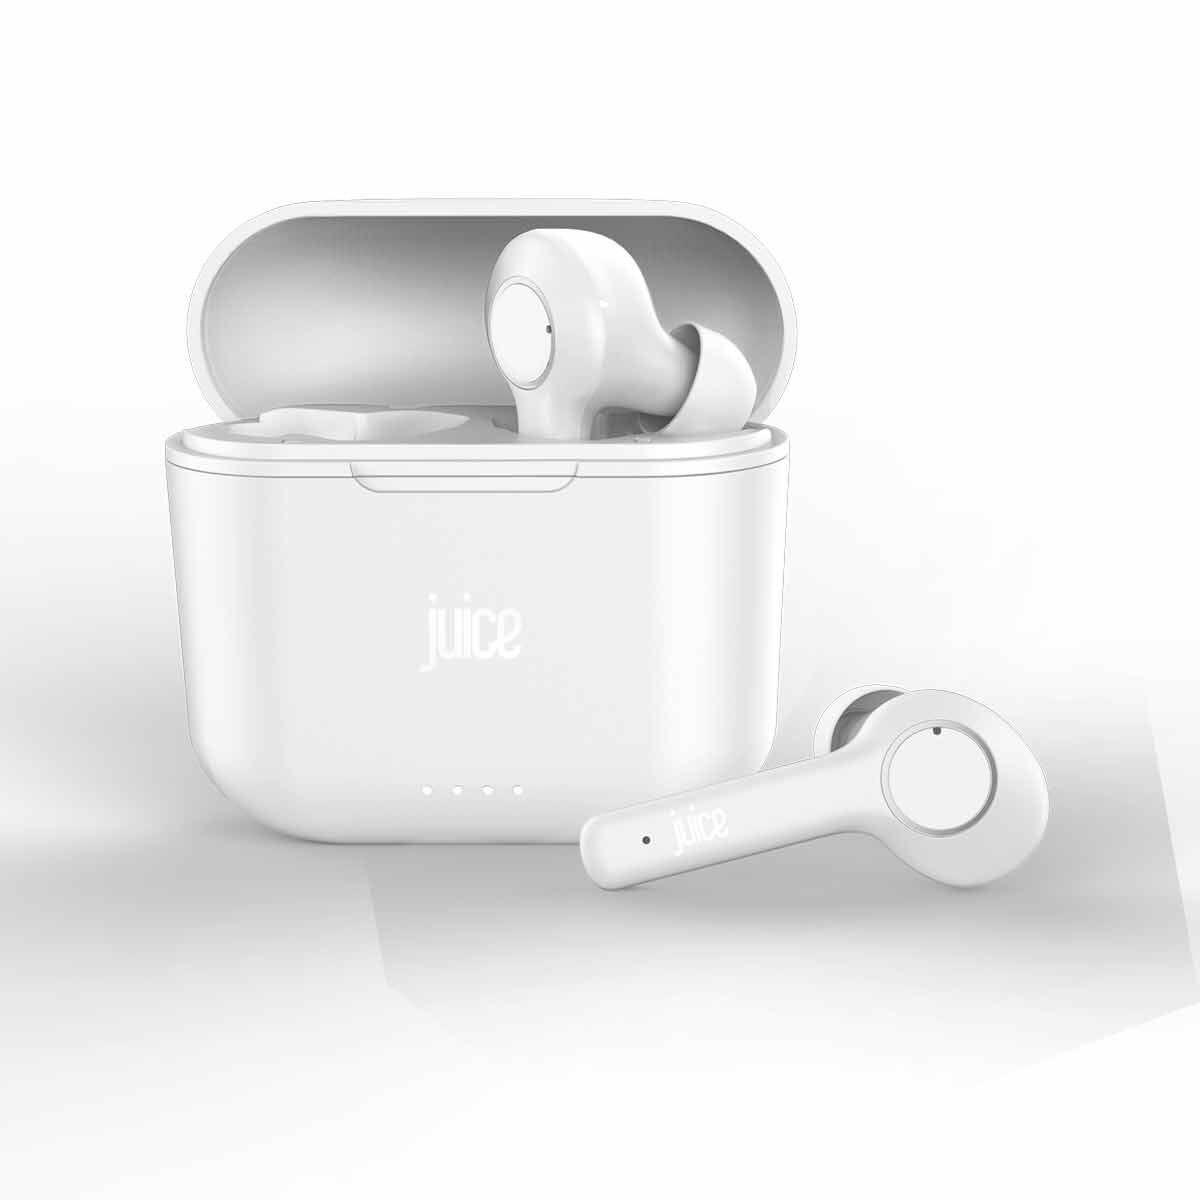 Juice Airphones Pro Wireless Earphones